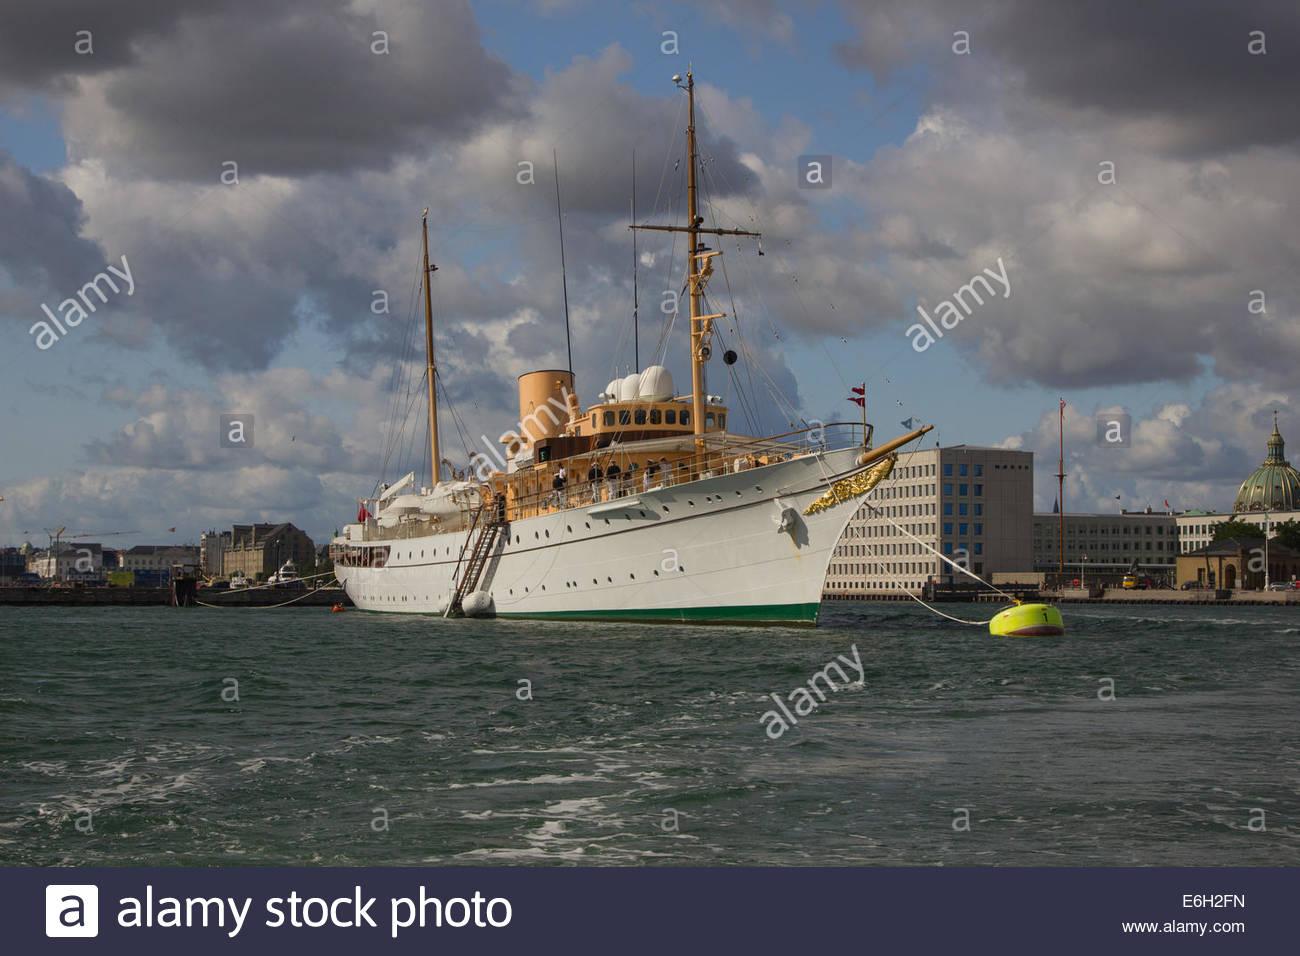 The Danish Royal Yacht (HDMY Dannebrog) moored in Copenhagen Harbour. - Stock Image